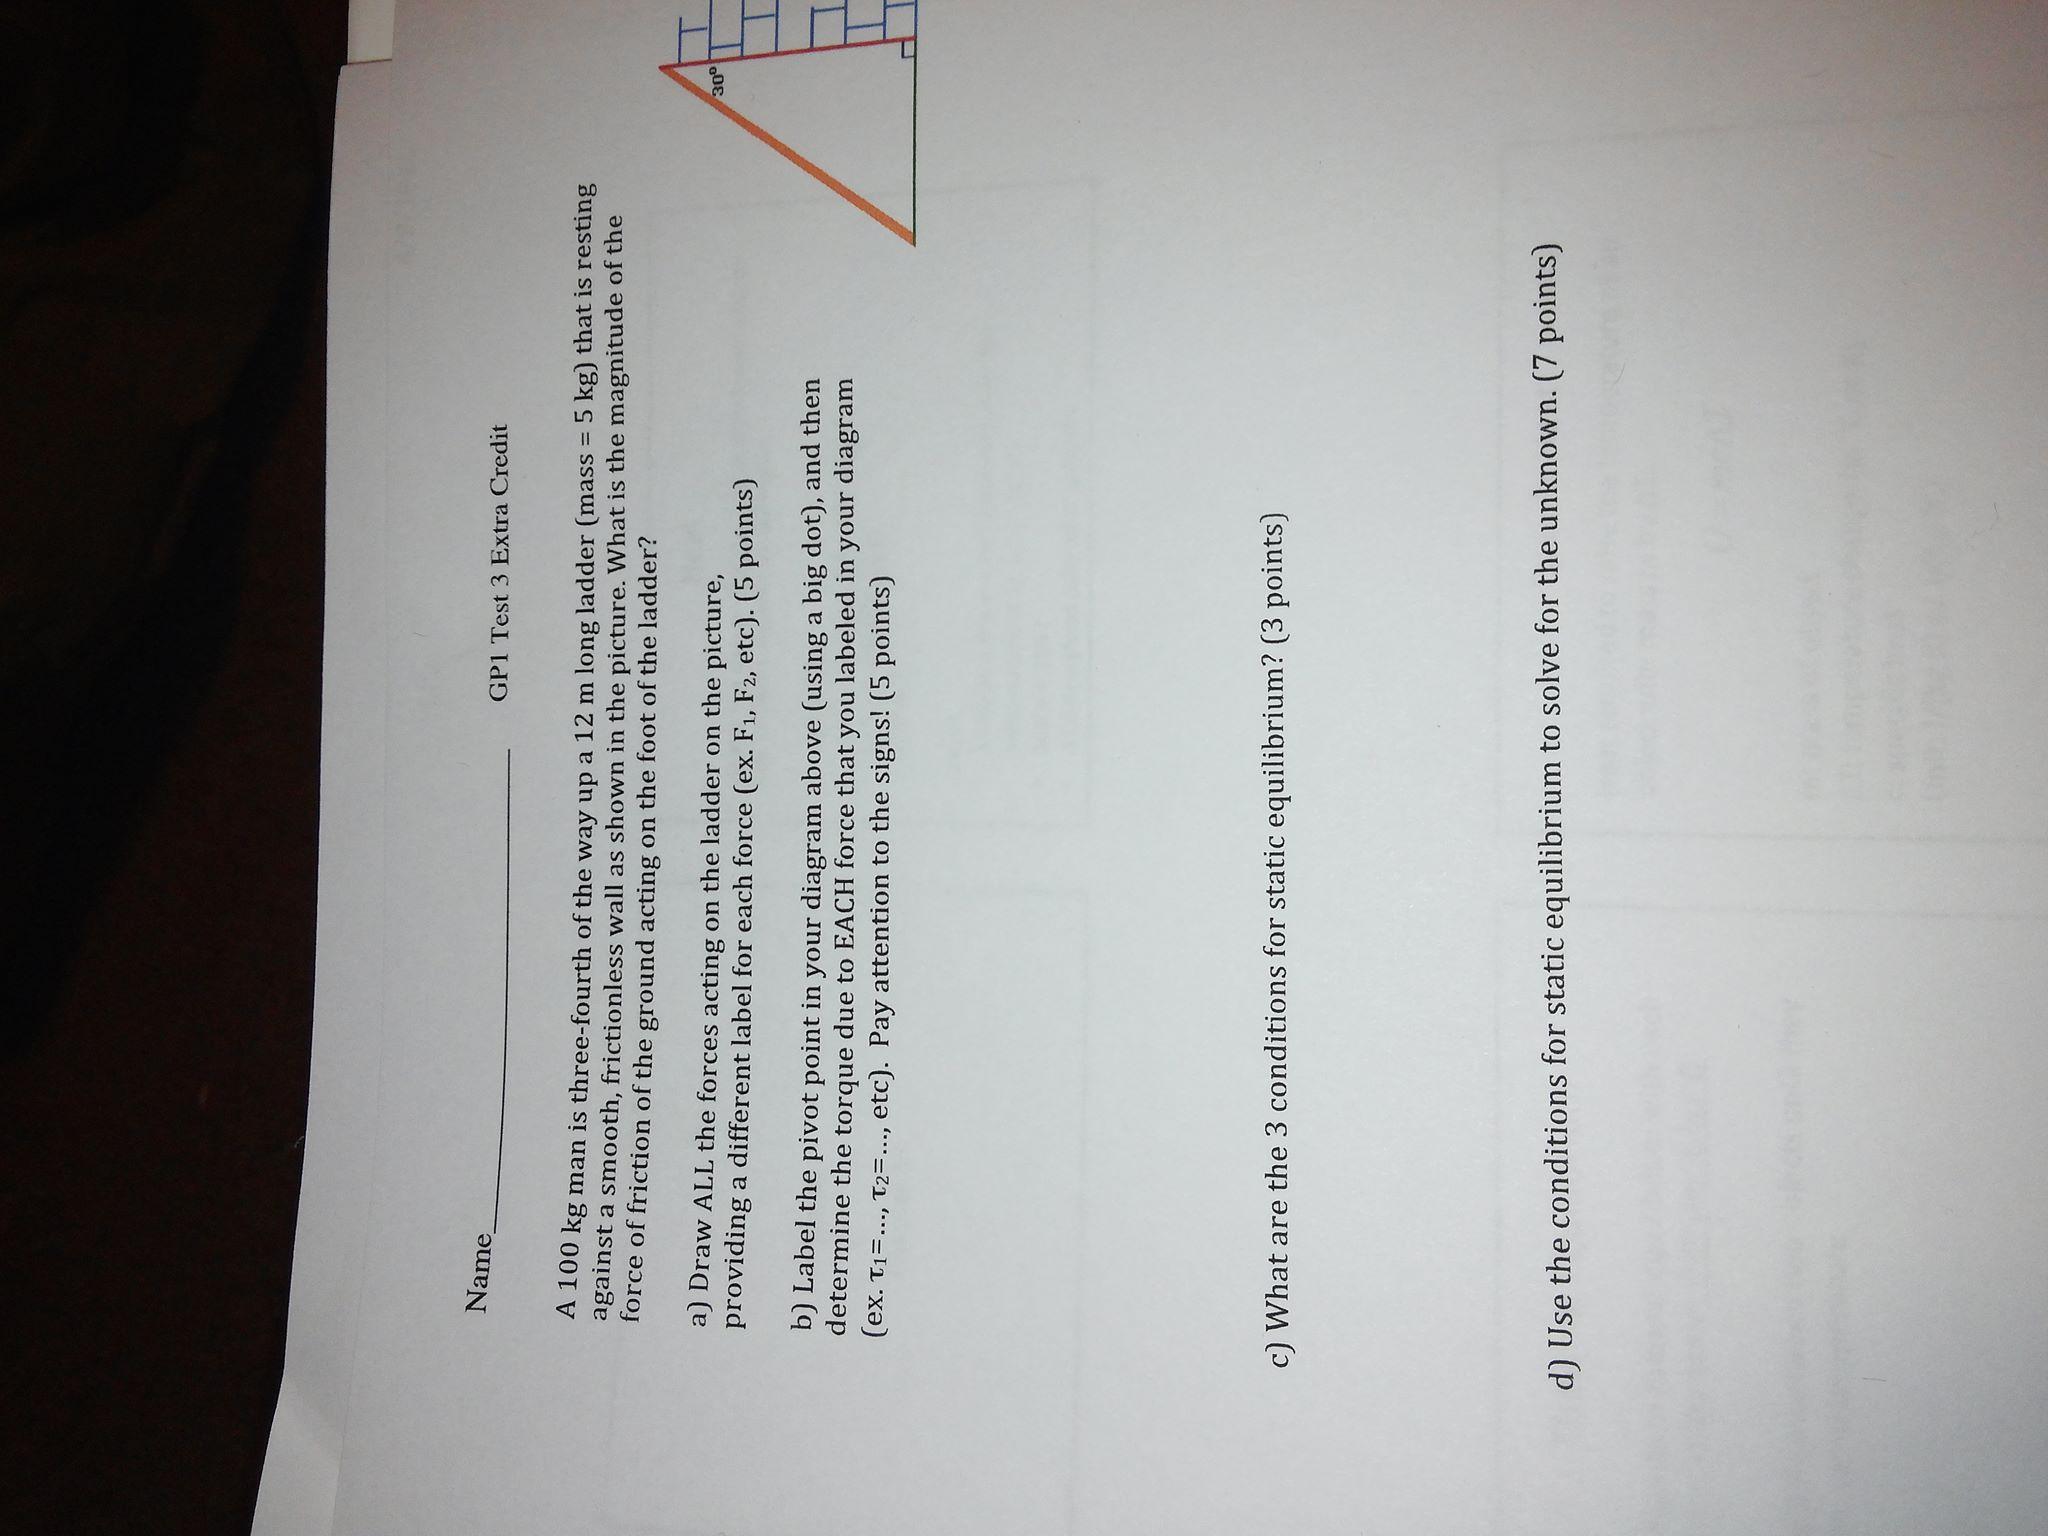 Return man 2 homework help 12